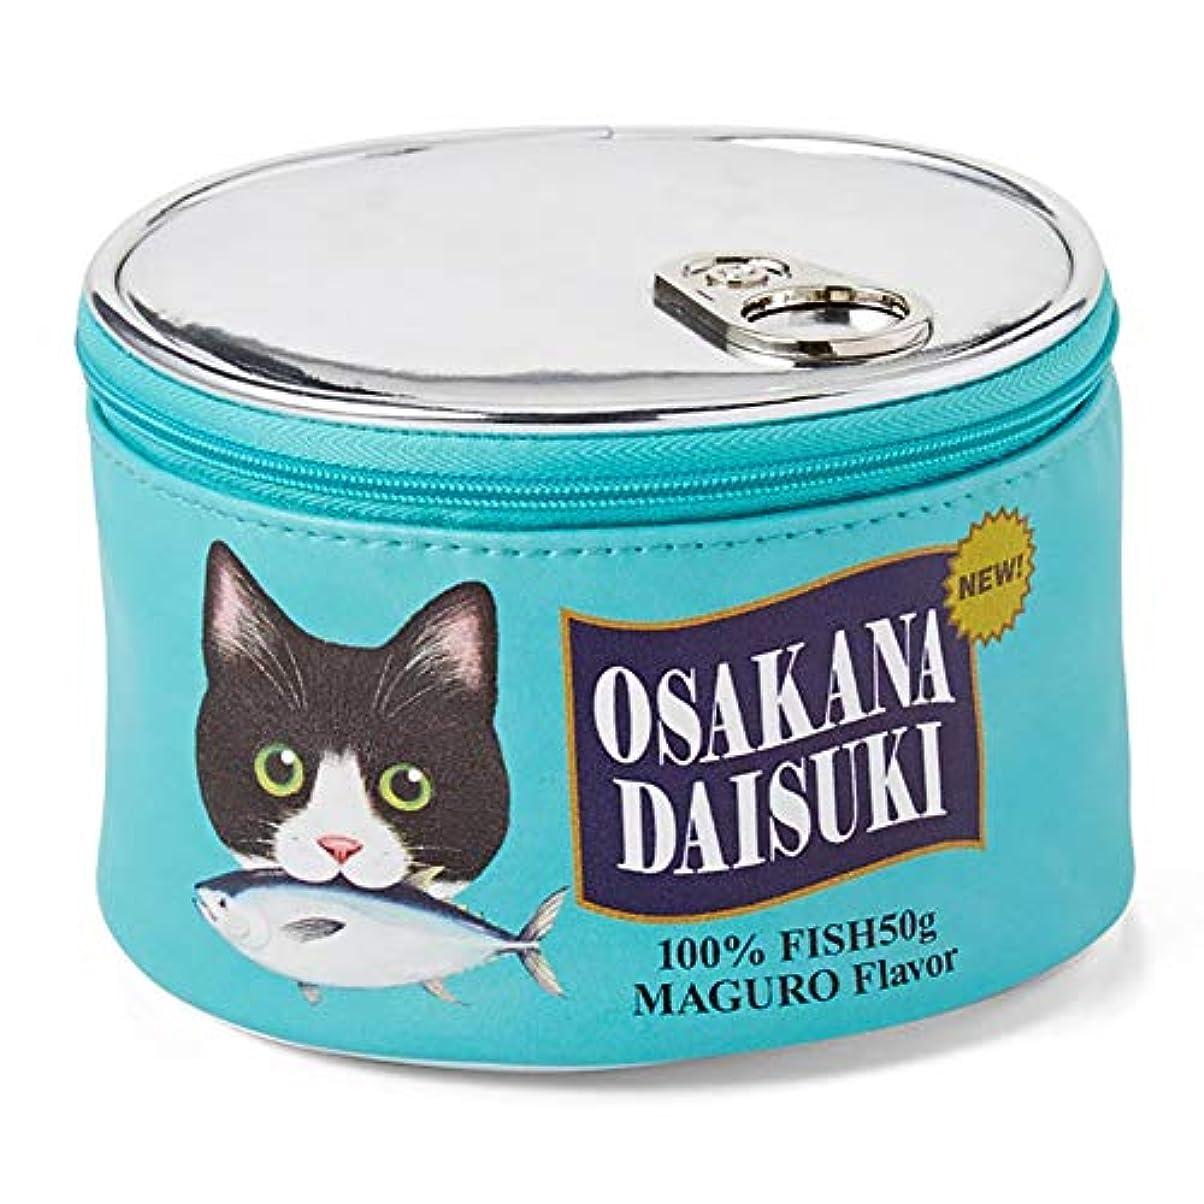 植木置くためにパックジョットディボンドンYIGO 化粧ポーチ 猫 ねこ 魚の缶詰 設計 可愛い メイクポーチ バッグ 化粧バッグ 財布 大容量 化粧品収納 小物入れ おしゃれ グリーン